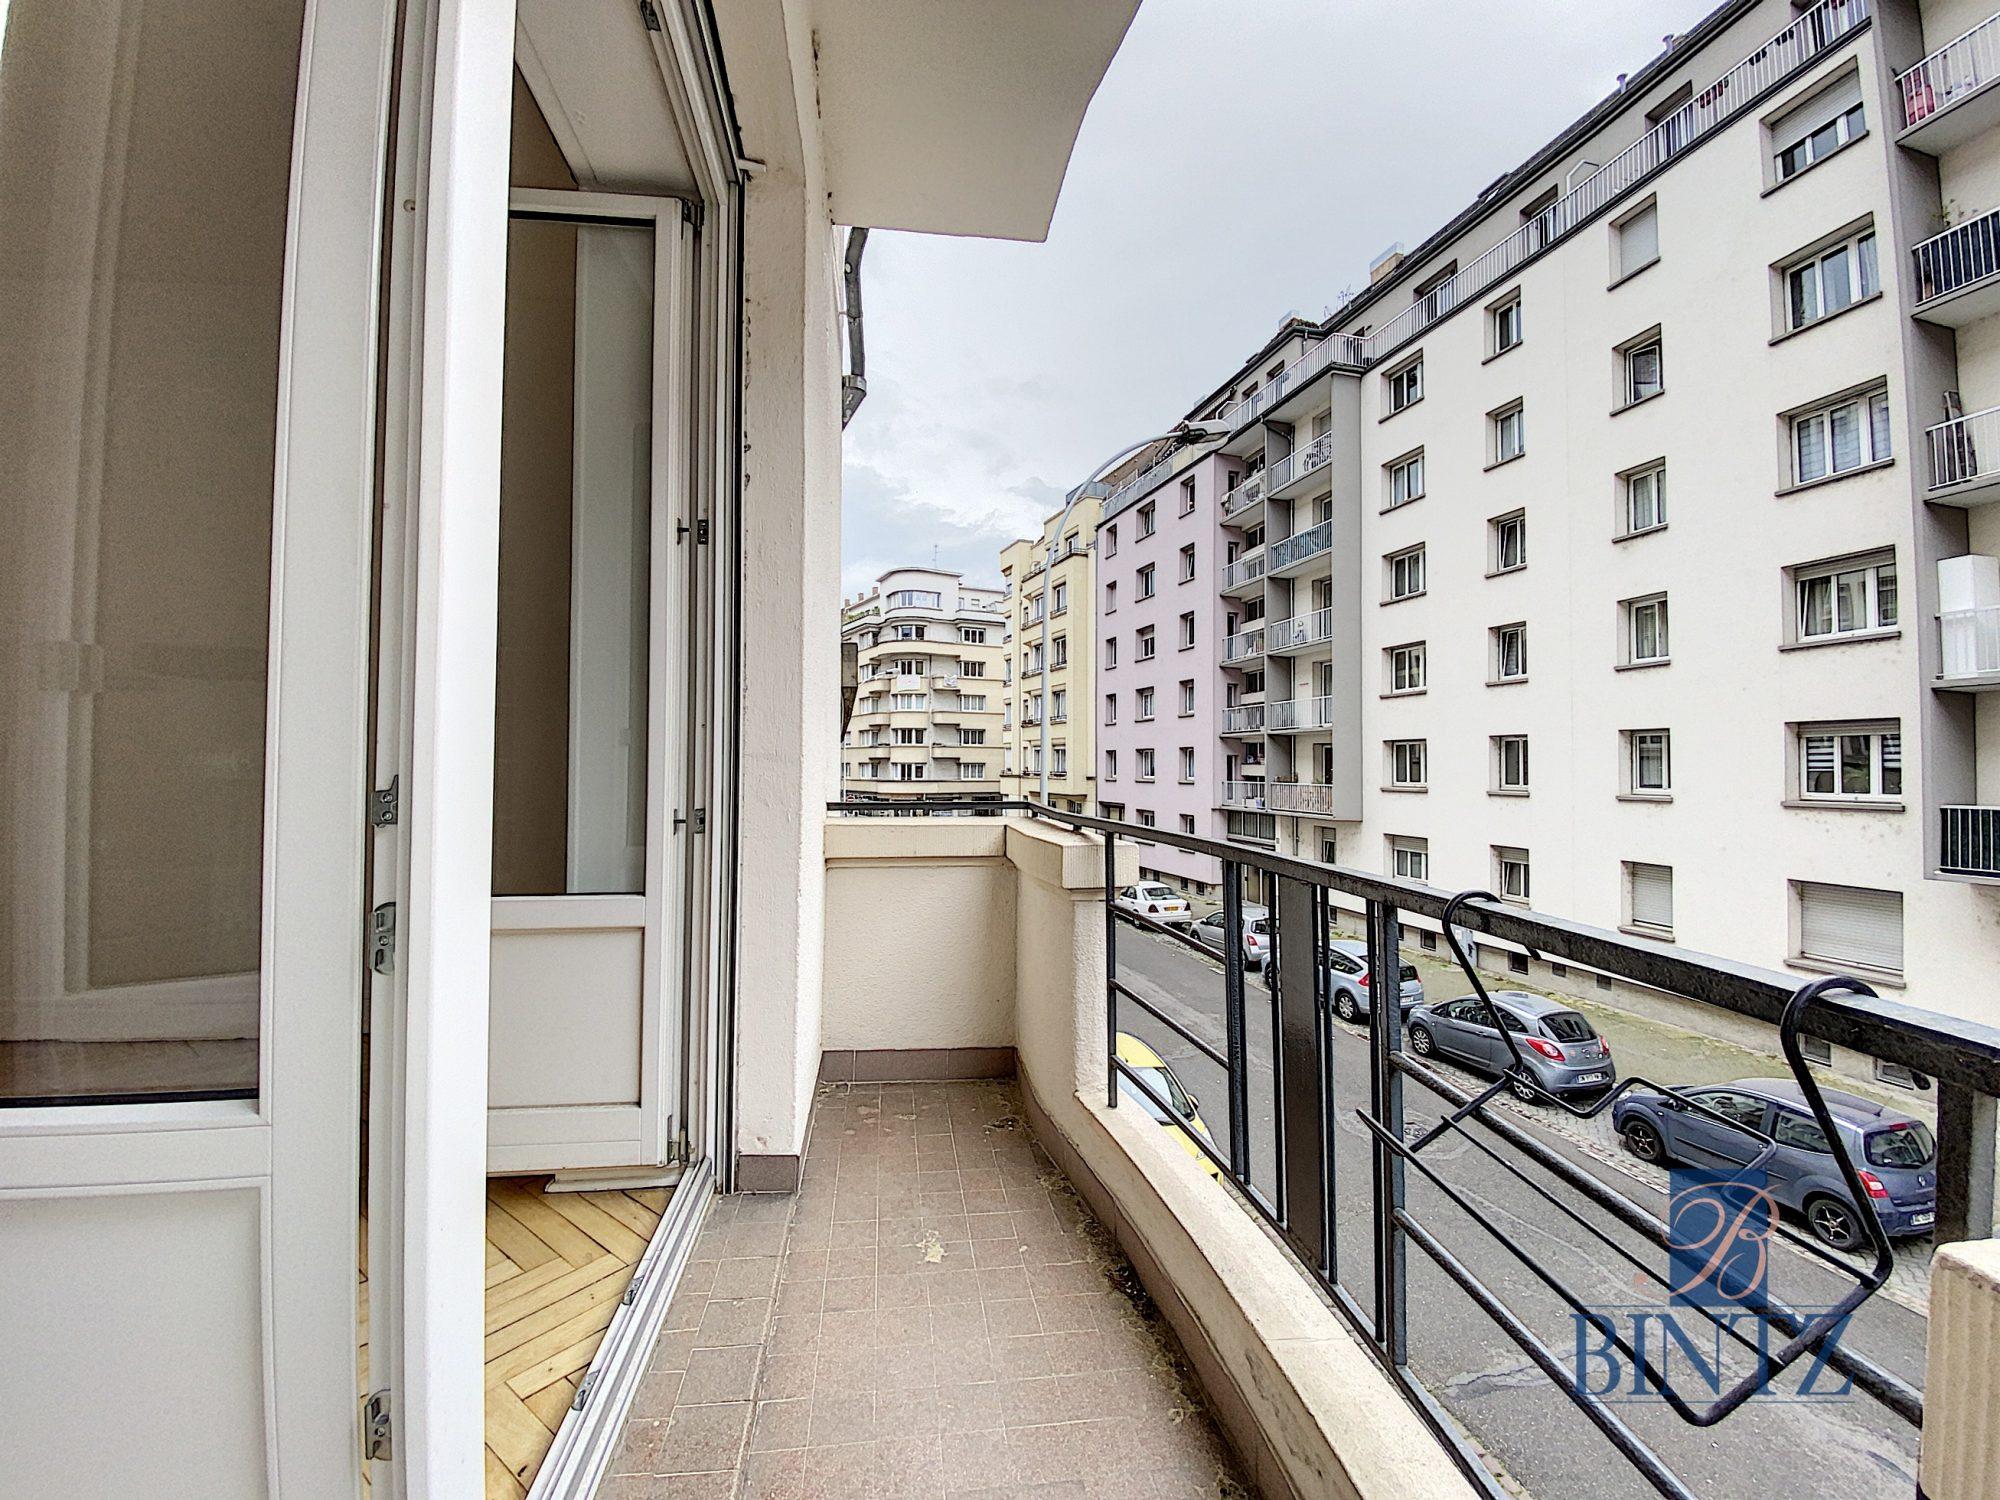 2 PIÈCES KRUTENAU - Devenez locataire en toute sérénité - Bintz Immobilier - 15